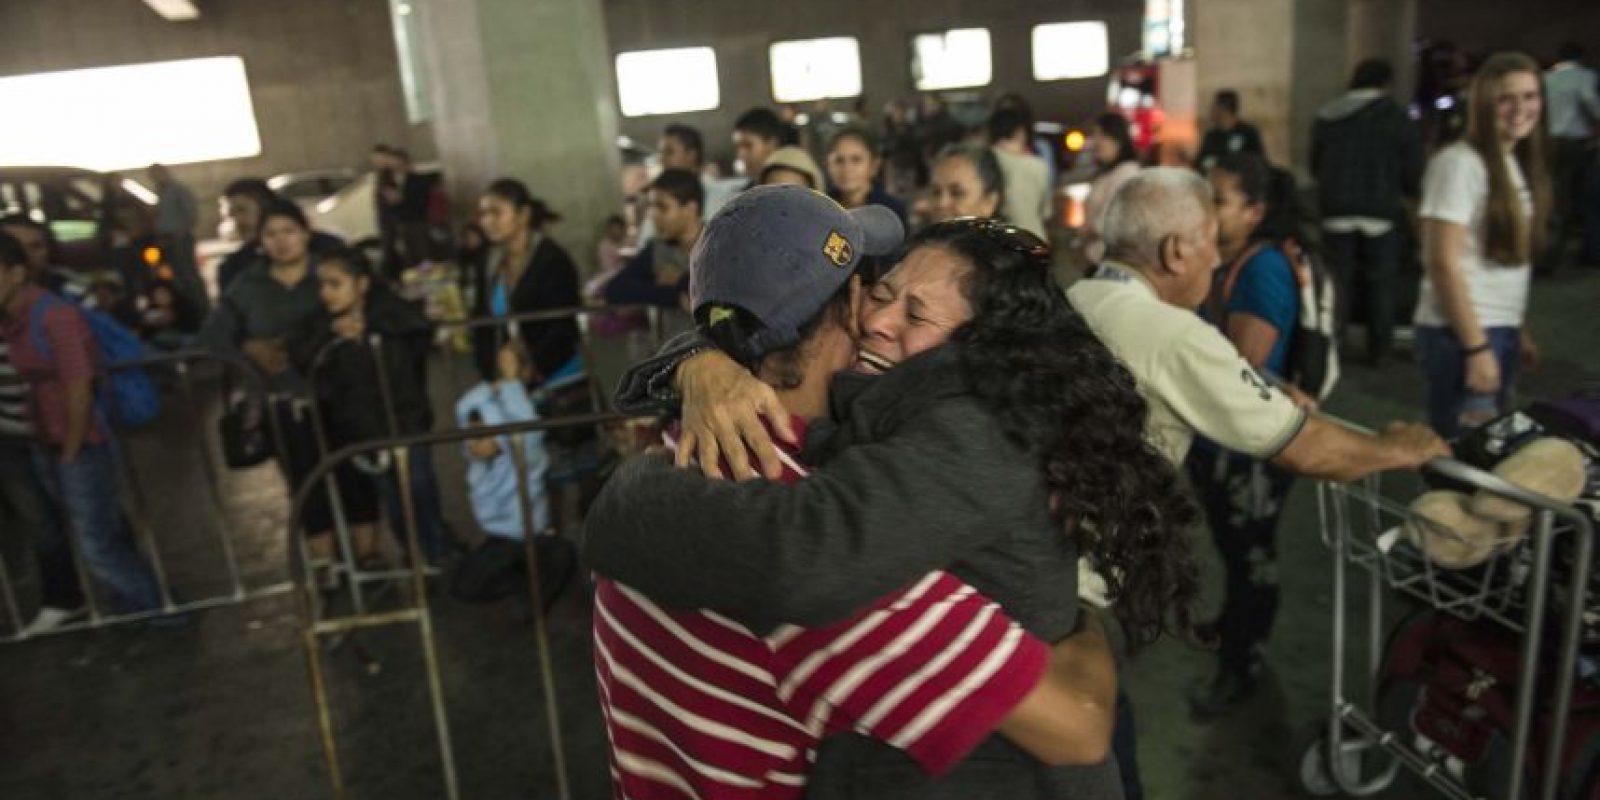 Hermanos, padres, hijos y parejas se encuentran después de tan larga espera para fundirse en un emocionante abrazo Foto:Oliver de Ros